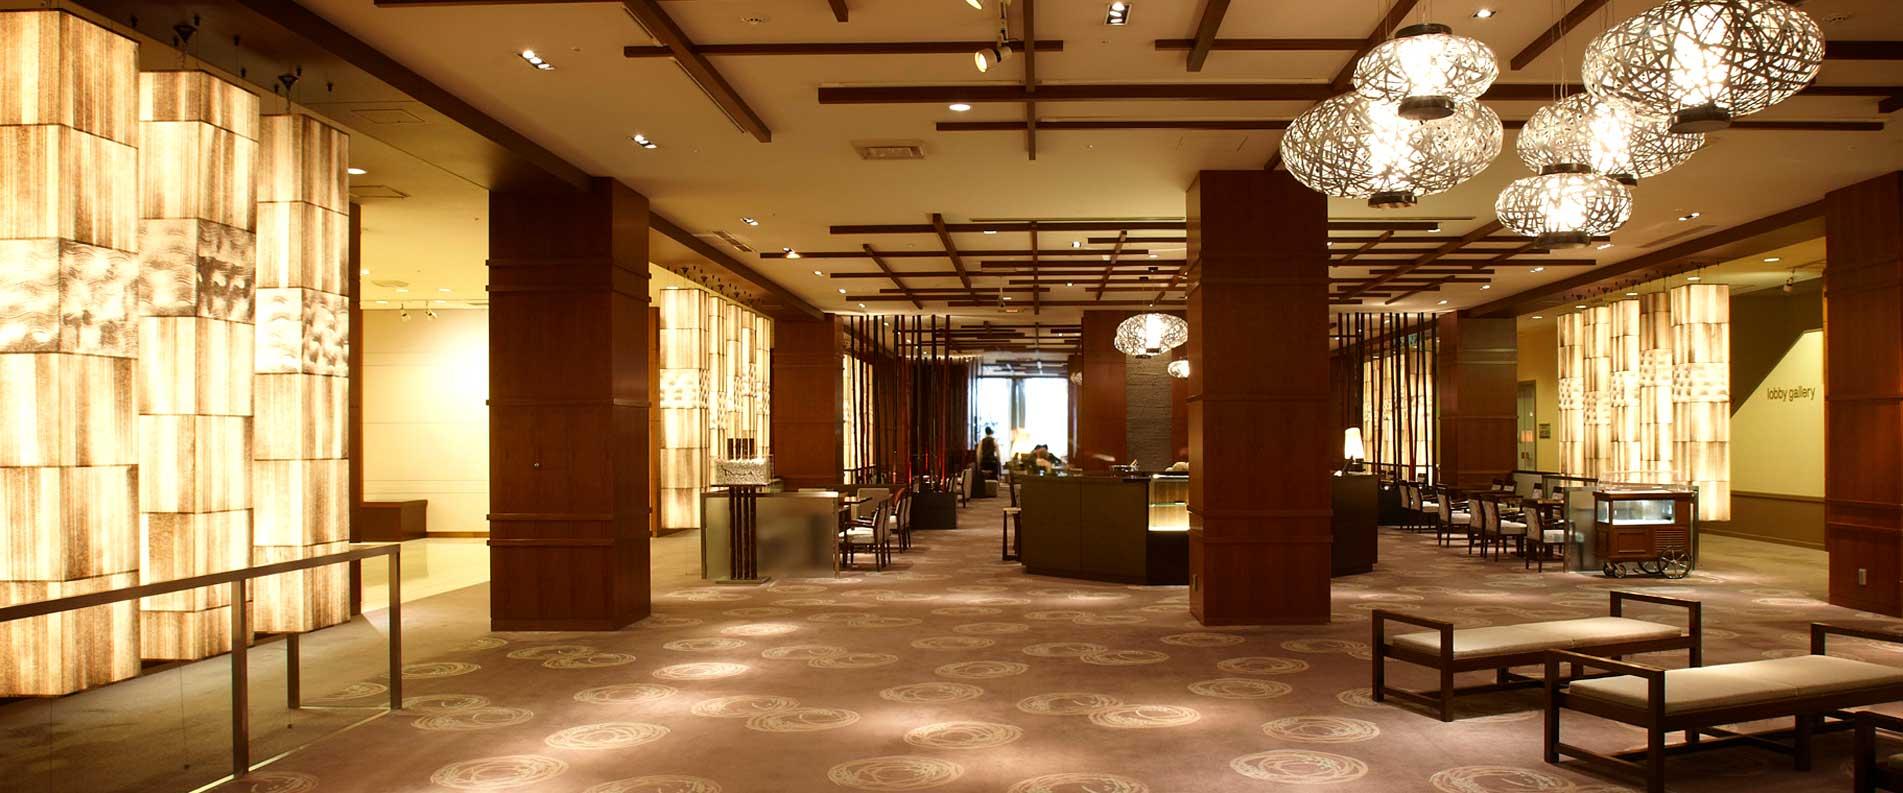 ロビーギャラリー|新宿のホテルなら京王プラザホテル【公式サイト】